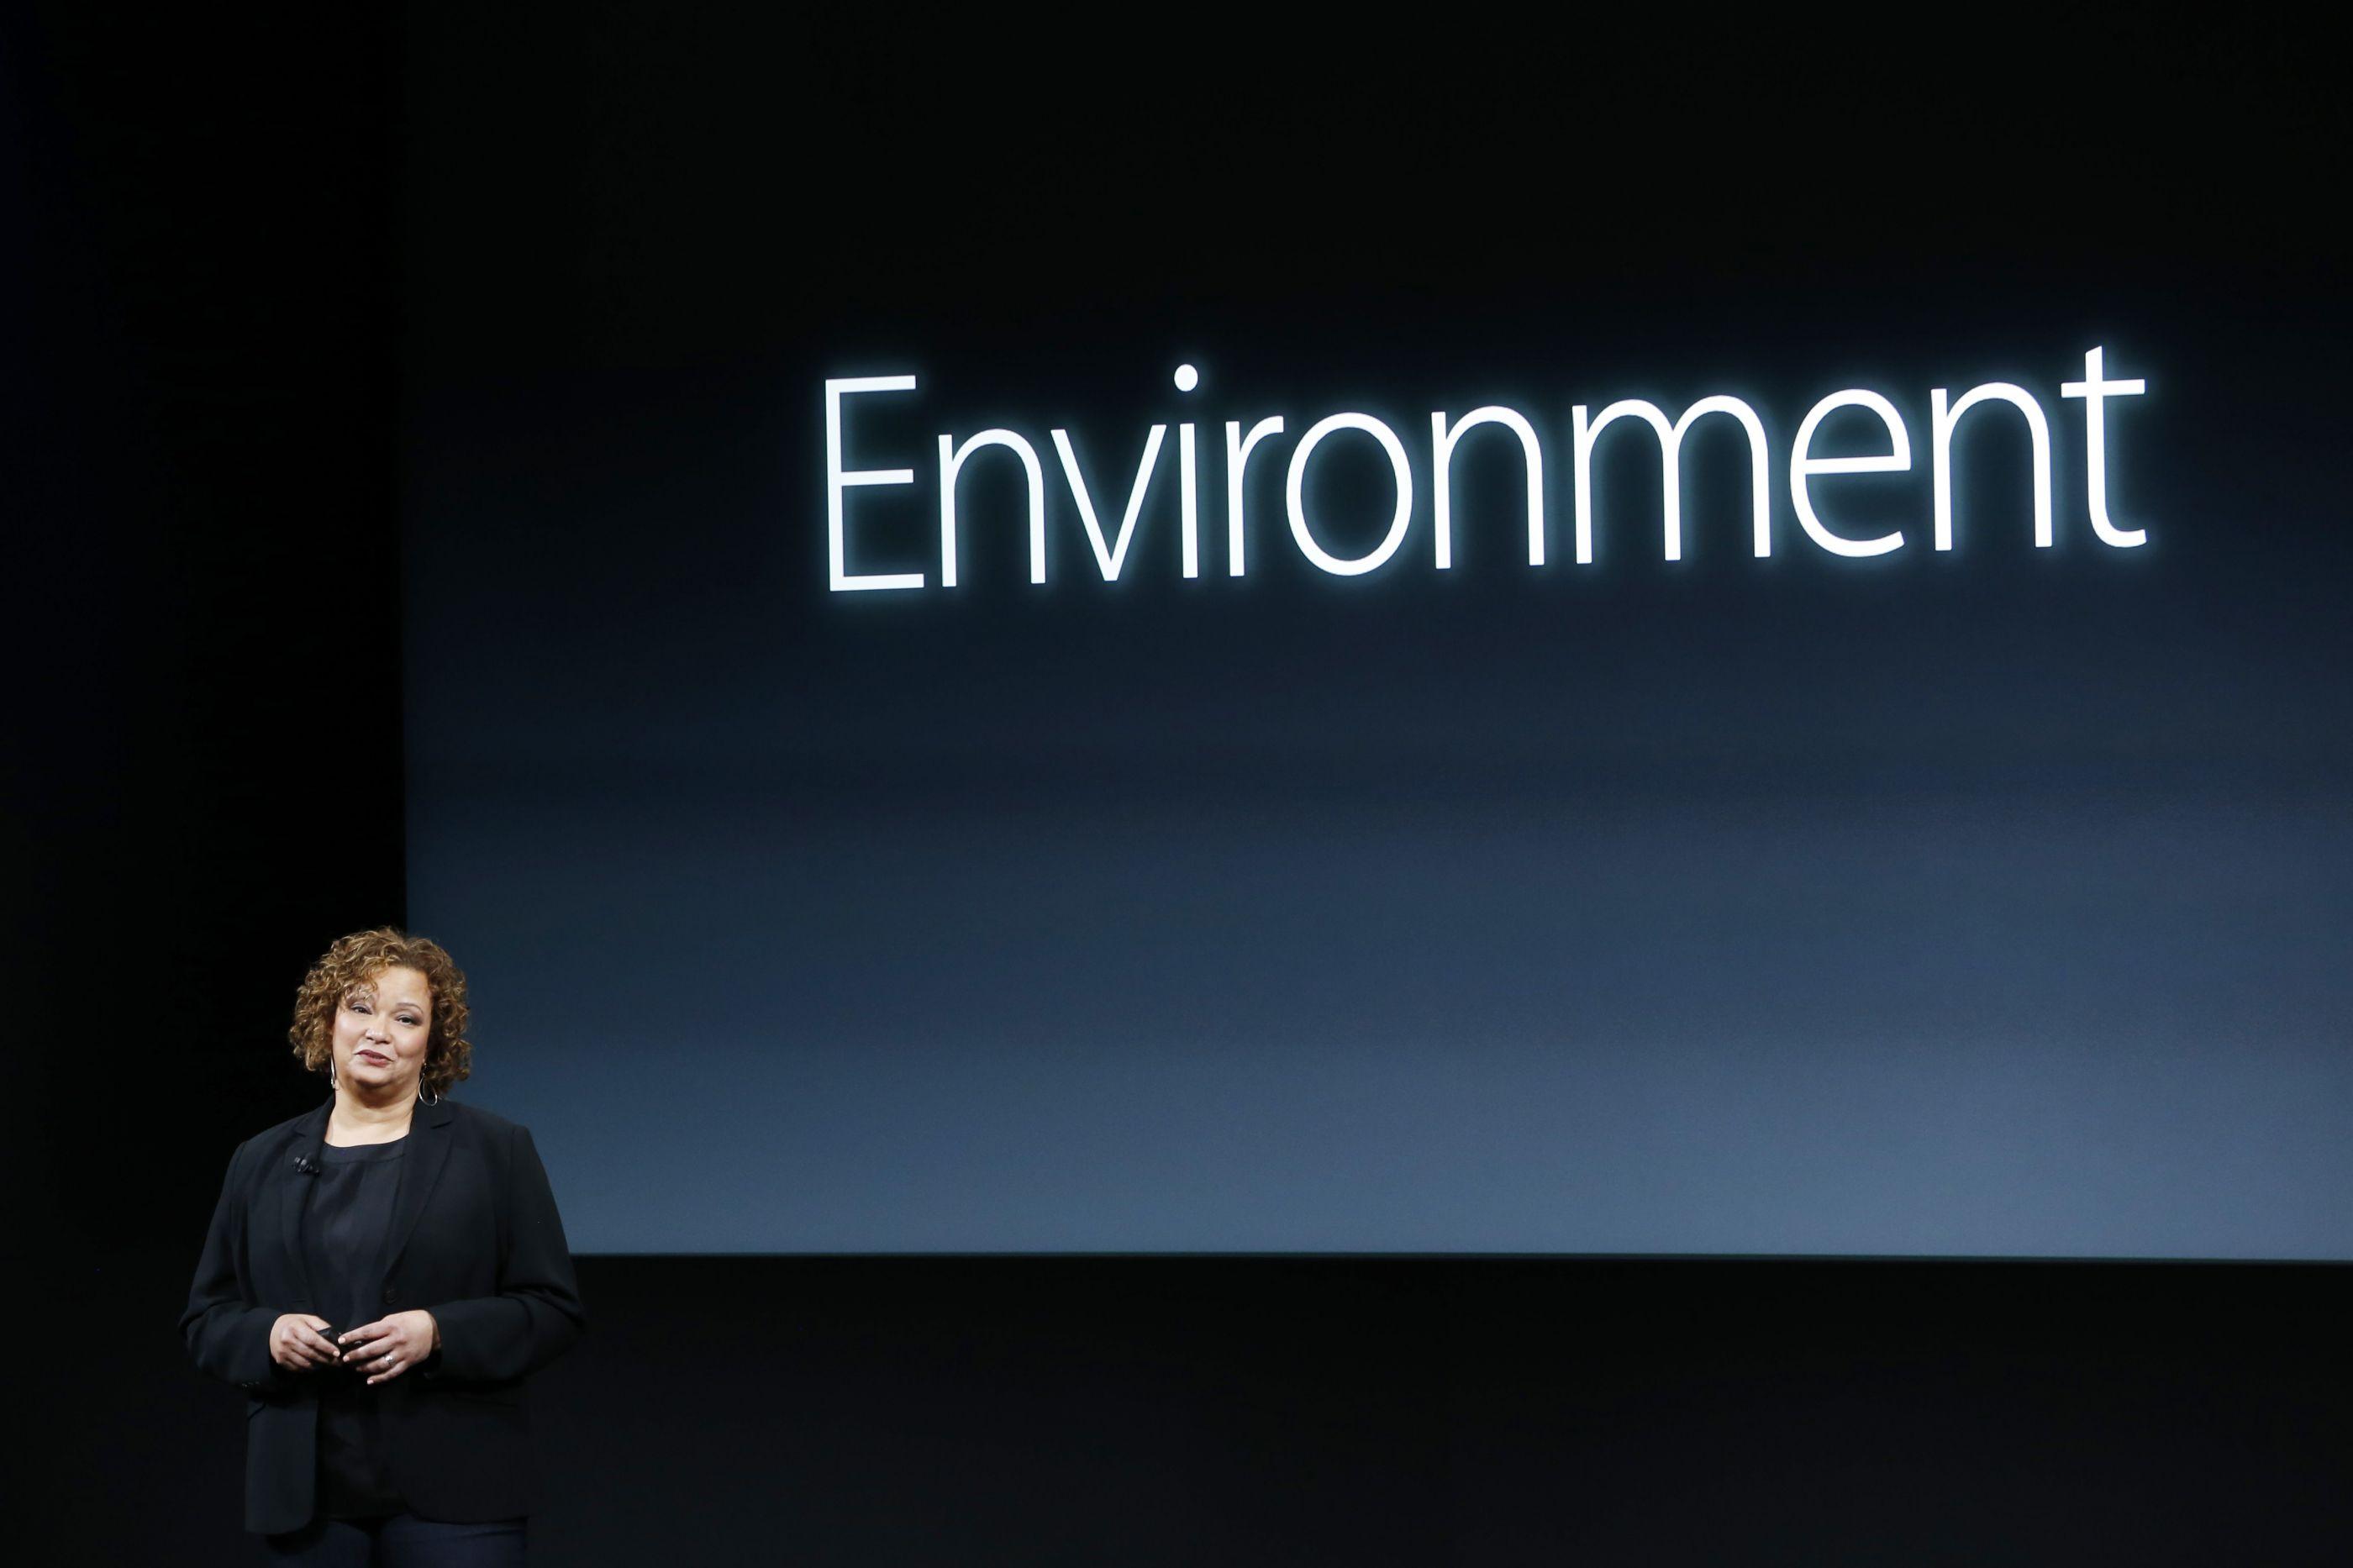 Apple mantém compromissos de Acordo de Paris apesar de saída dos EUA